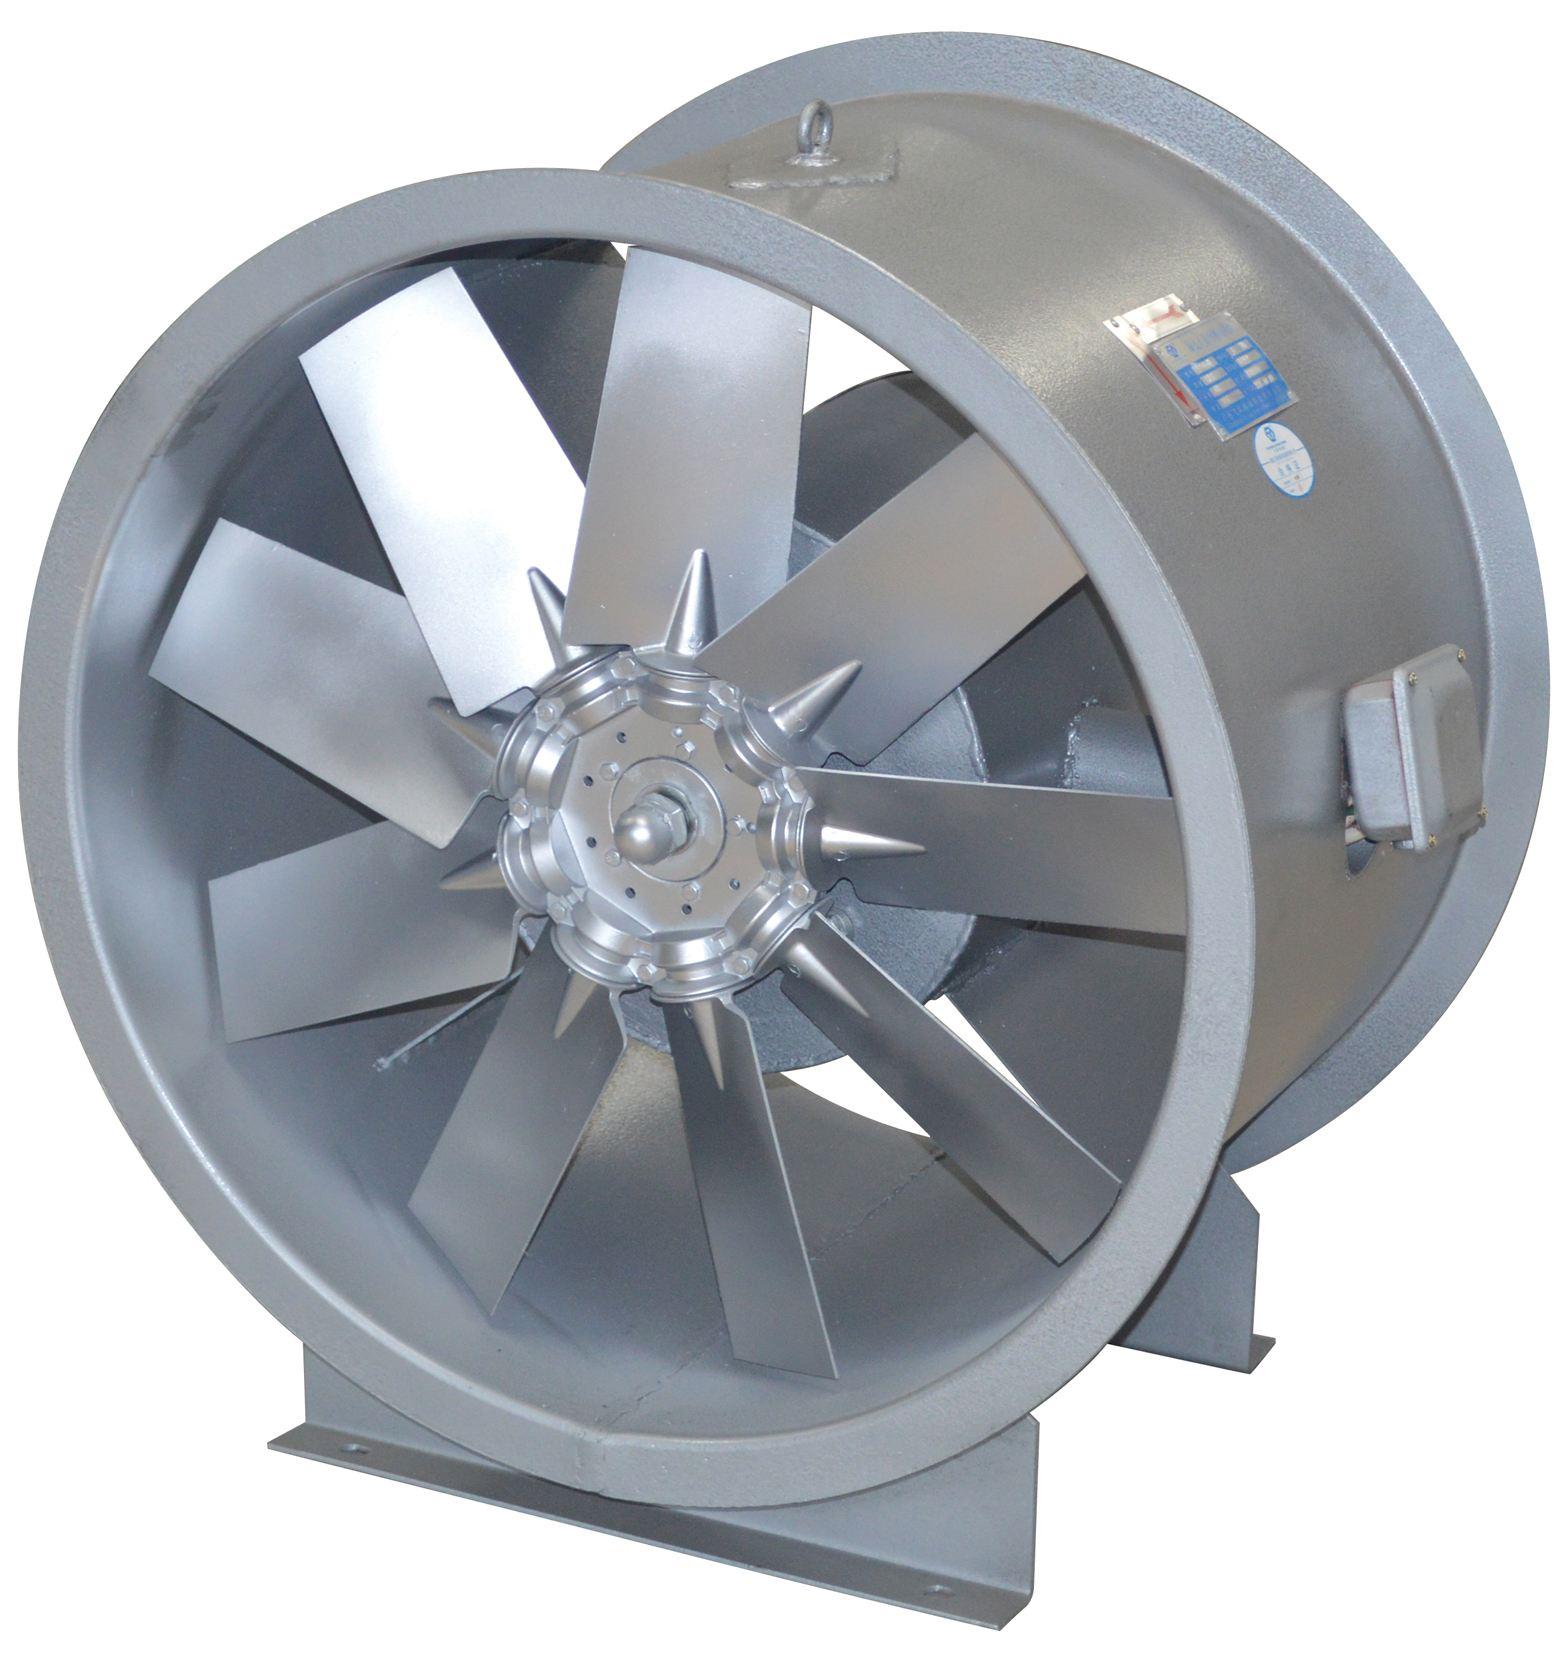 阜新排烟风机-沈阳亚特空调供应好用的排烟风机